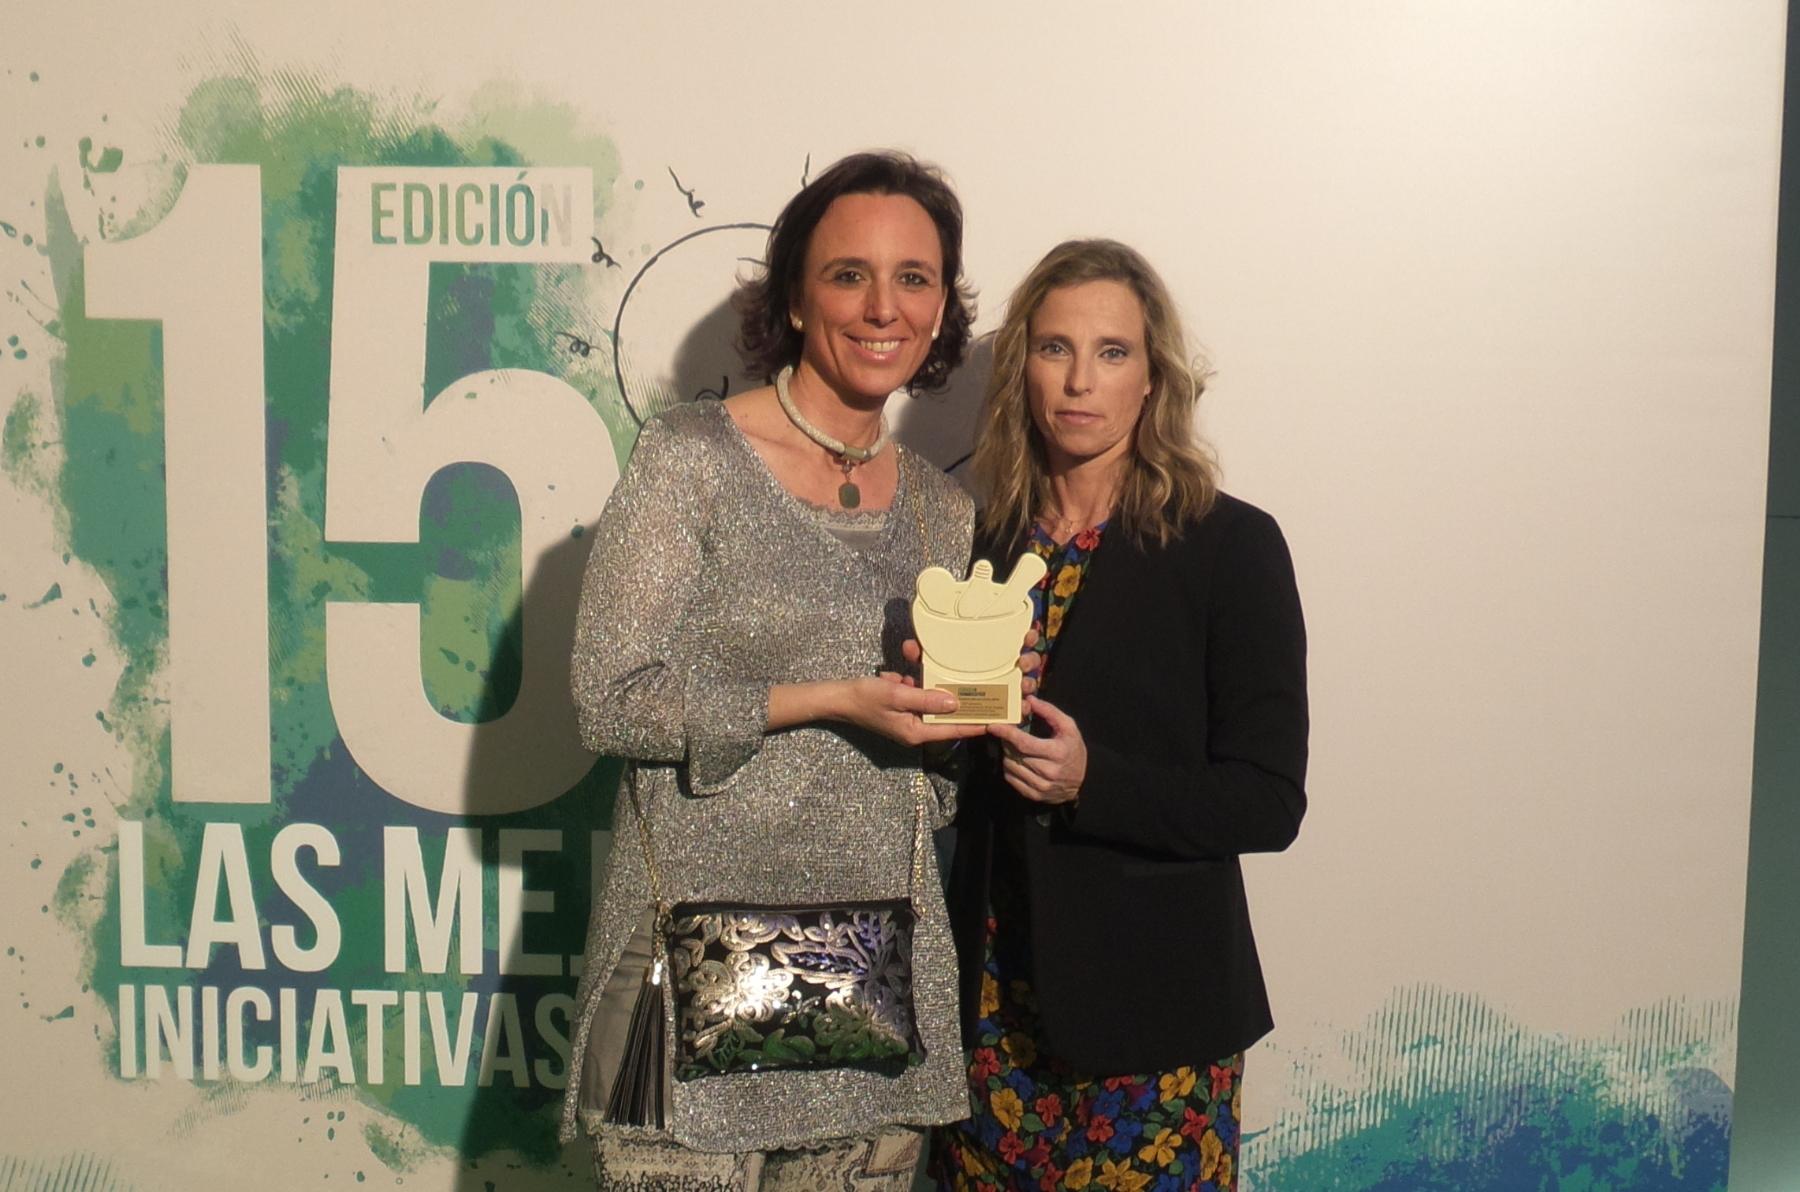 El estudio sobre conocimiento y uso de anticonceptivos realizado en farmacias de Huelva, reconocido como una de las mejores iniciativas farmacéuticas de España